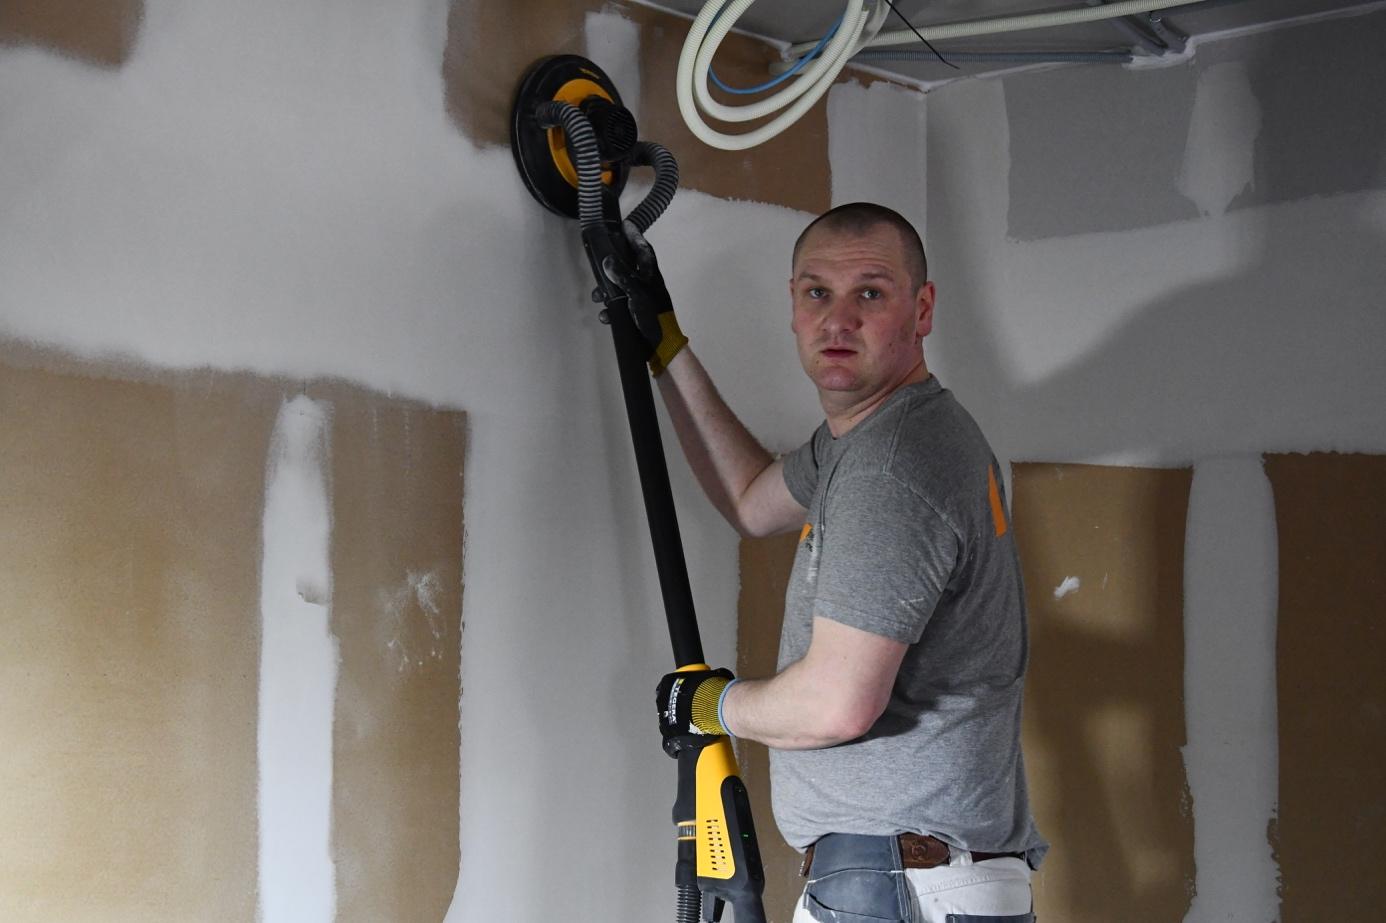 Et bilde som inneholder vegg, person, innendørs, verktøy  Automatisk generert beskrivelse